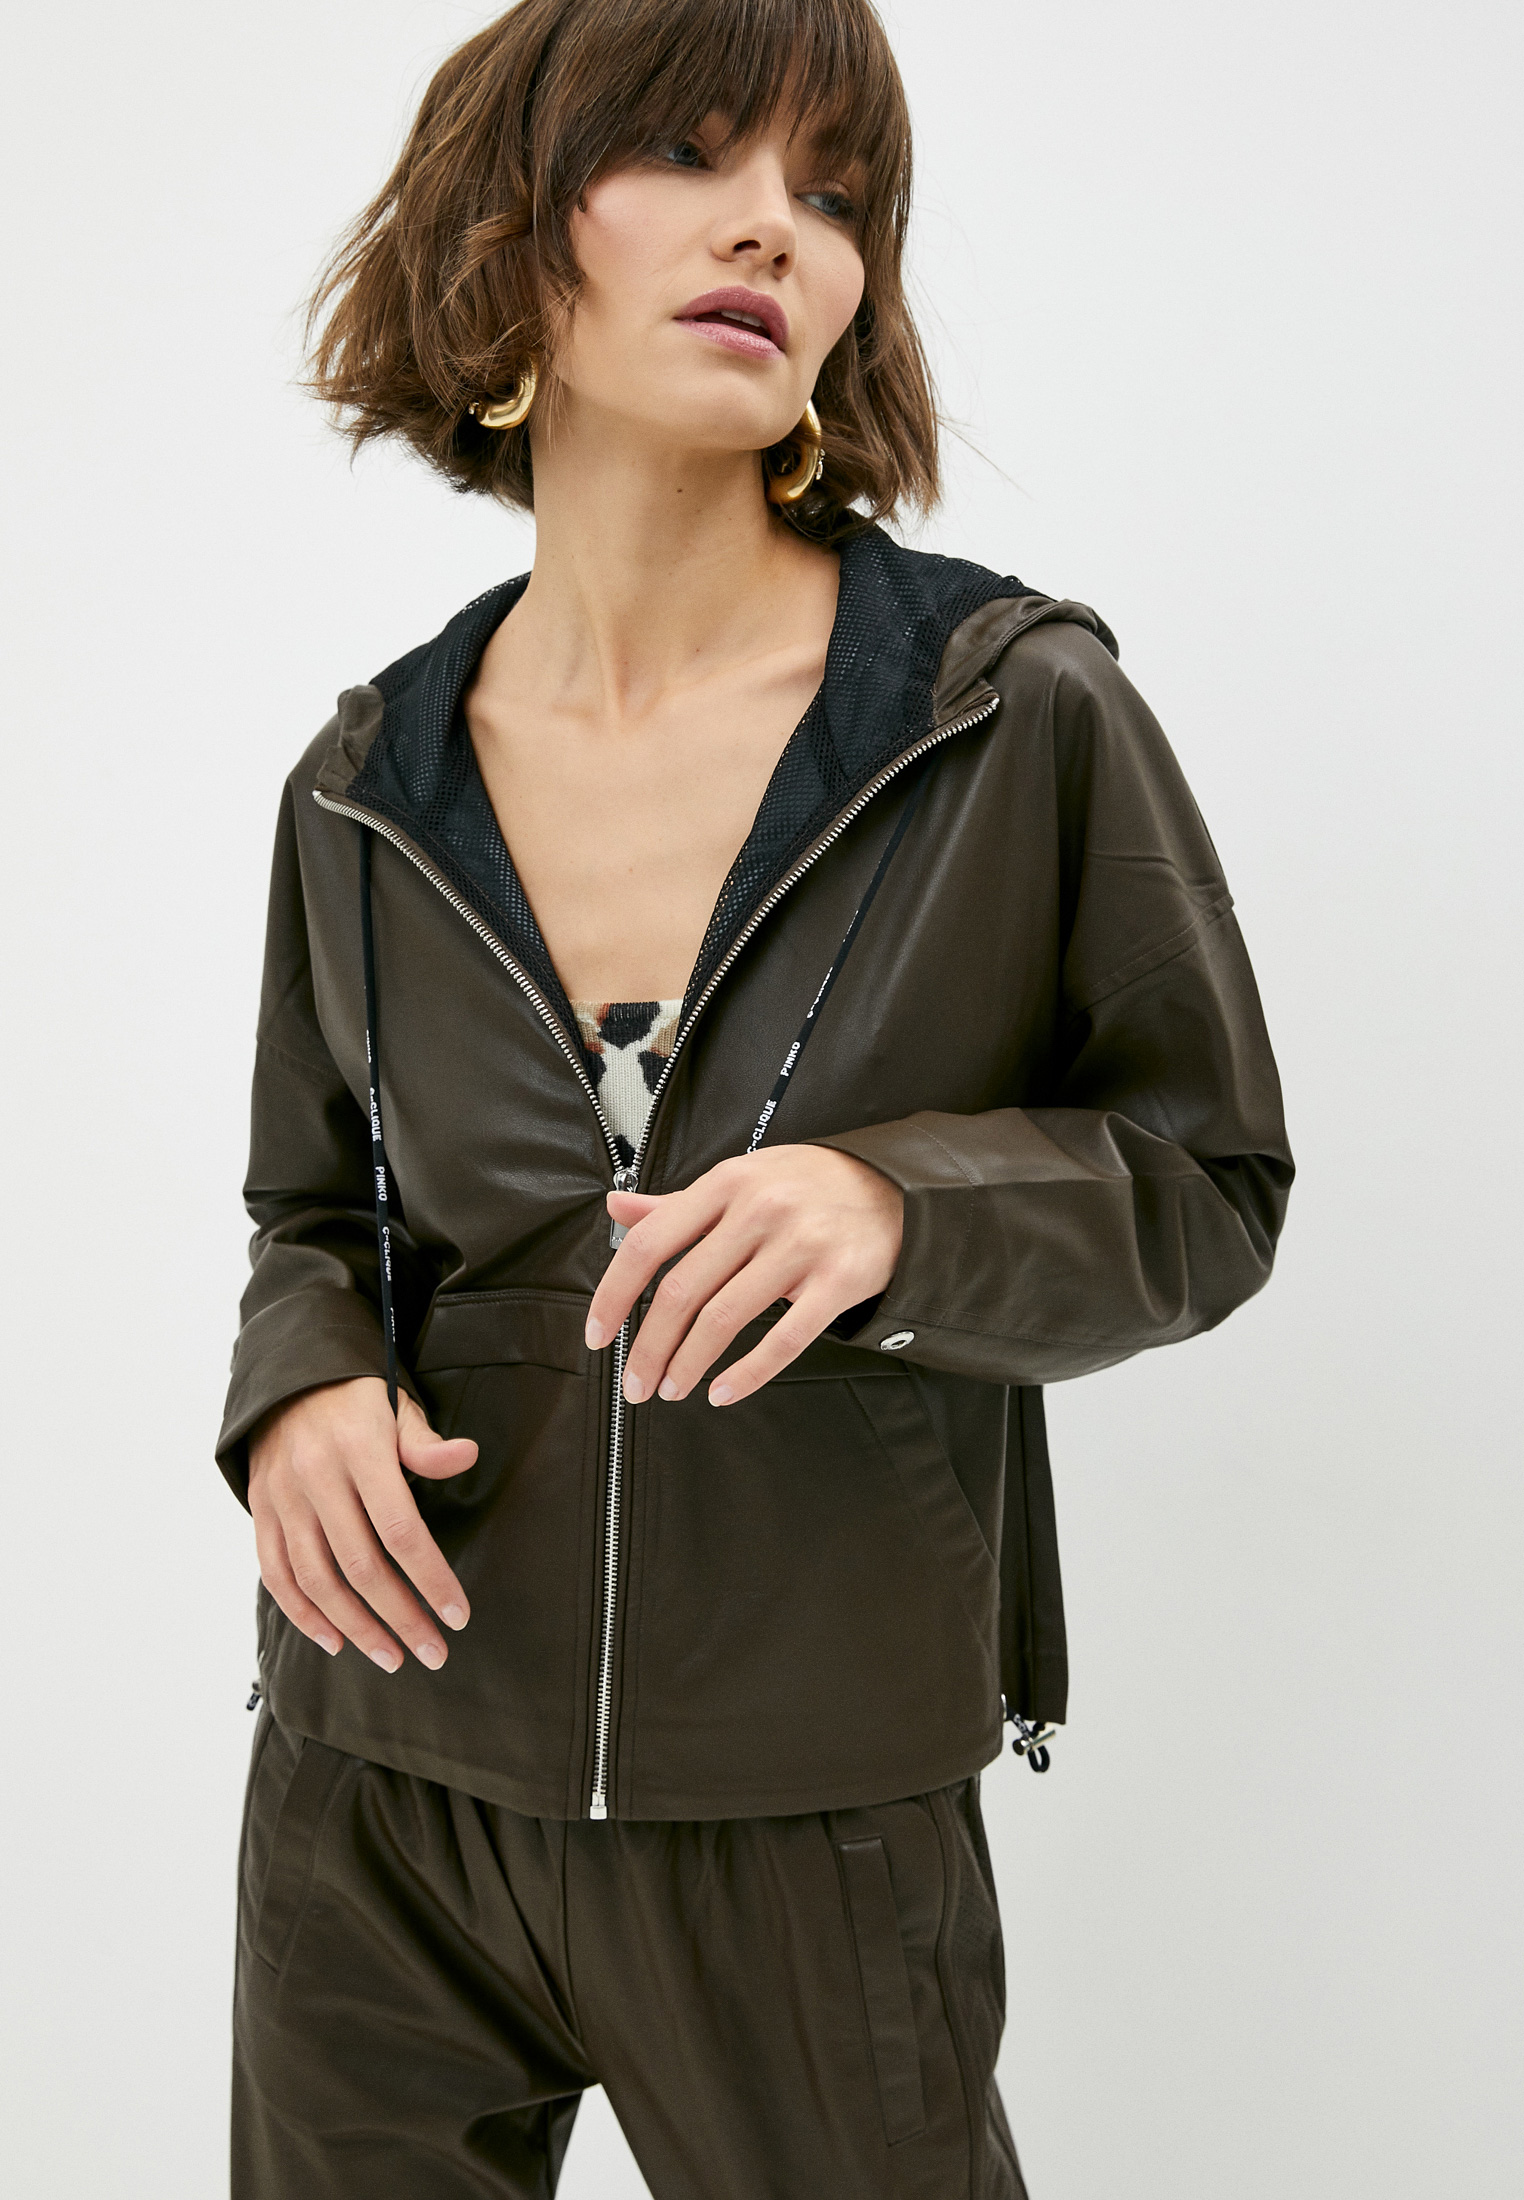 Кожаная куртка Pinko (Пинко) Куртка кожаная Pinko